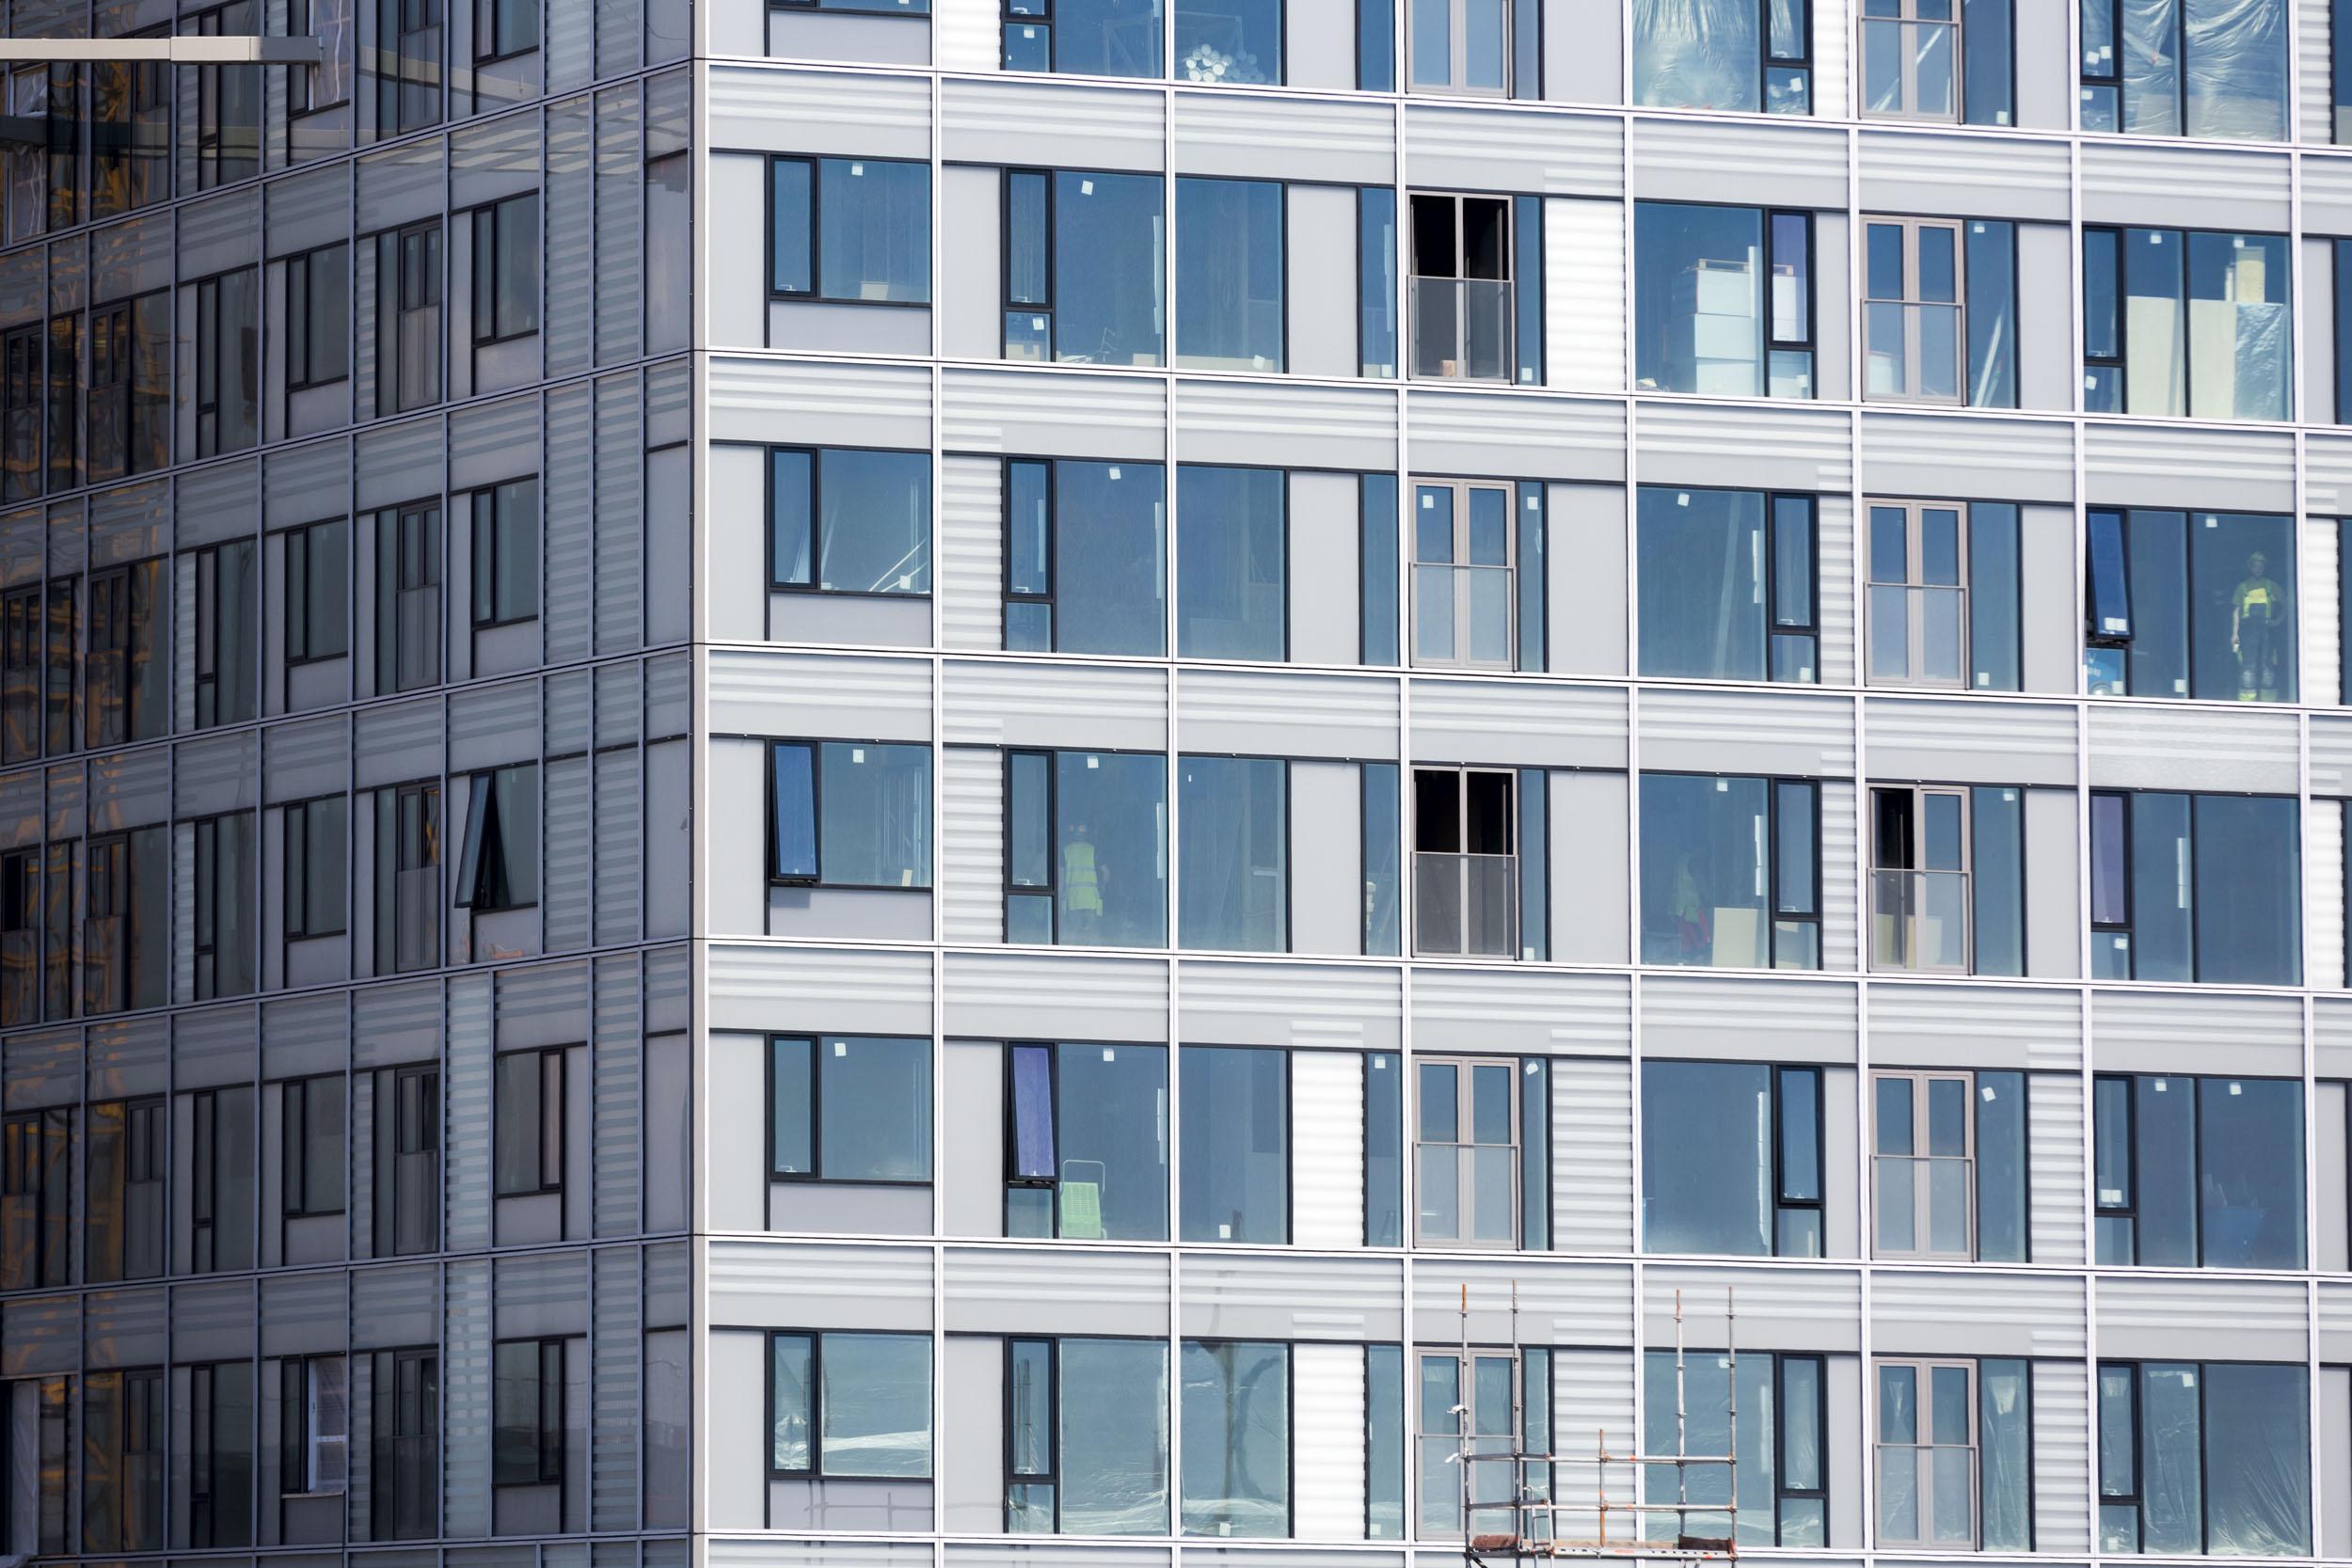 Majakka on herättänyt huomiota julkisivullaan. Alumiiniset listat ja läpikuultavat lasielementit tekevät talosta harmaan. Kaavan mukaan sen piti olla yleisilmeeltään valkoinen.